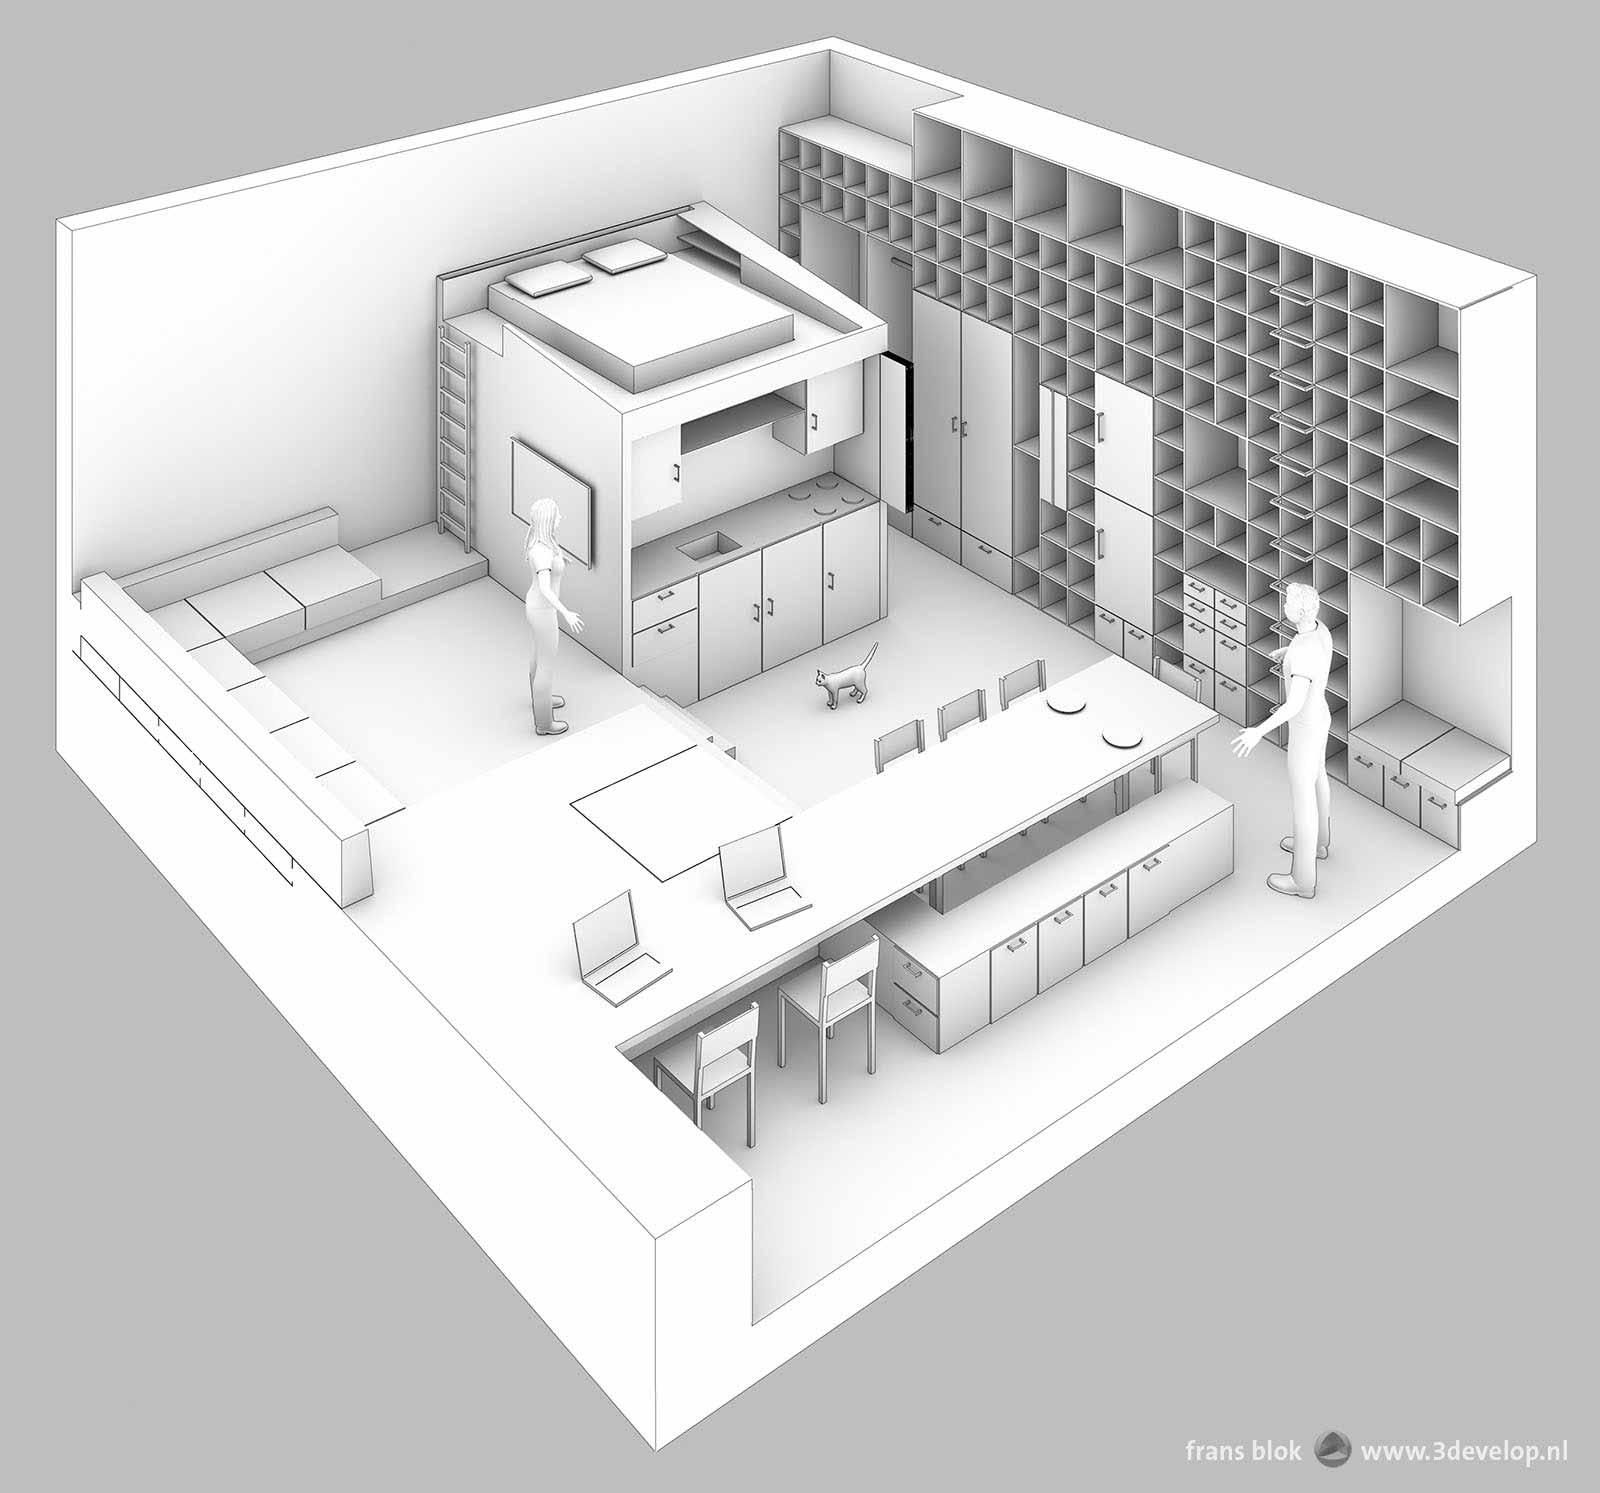 Axonometrische artist impression van een condo; zicht schuin van boven op een compact stedelijk appartement.